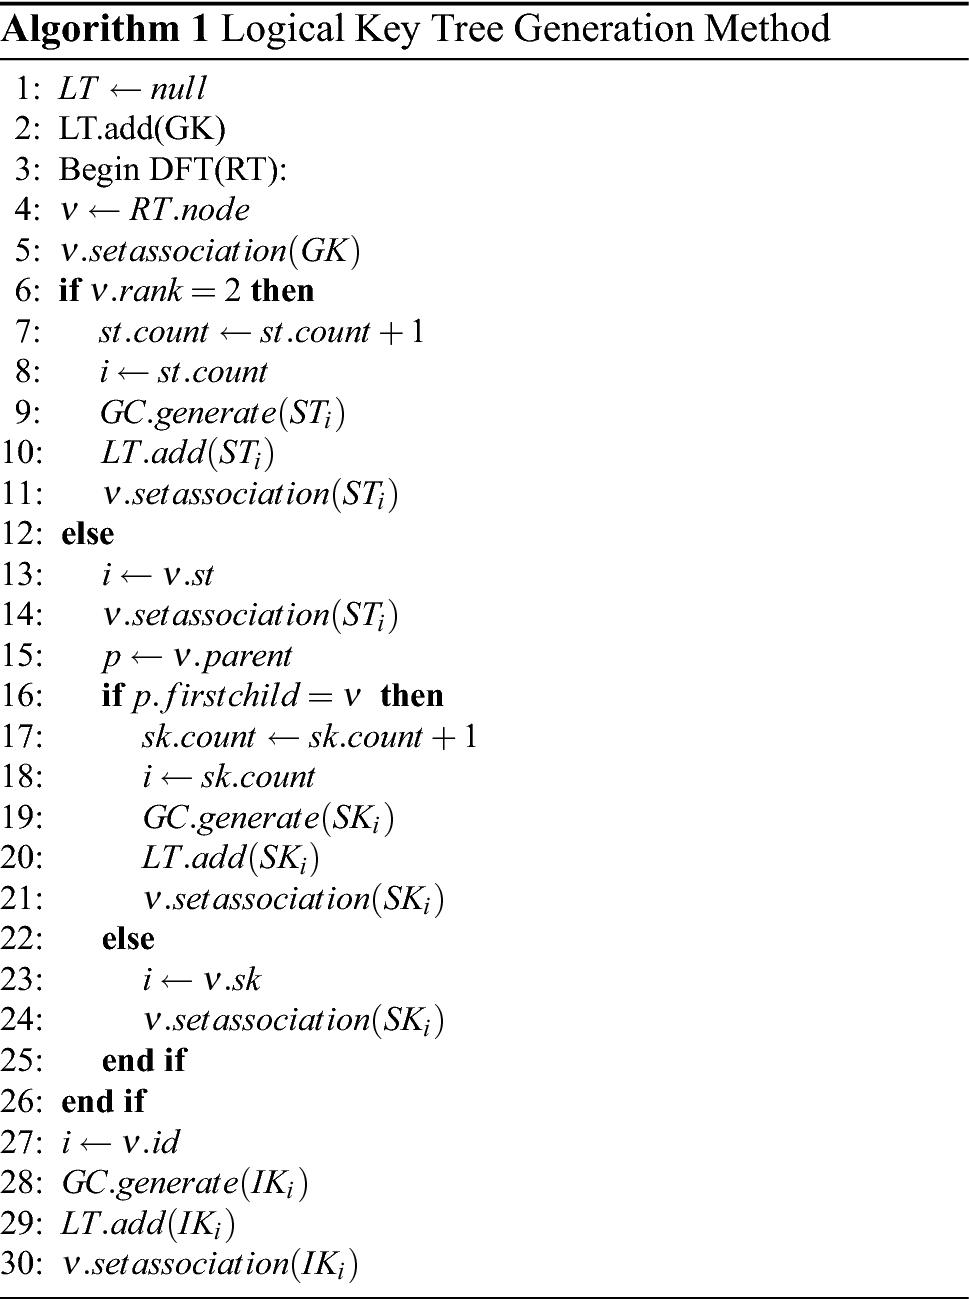 Adobe Acrobat Reader 7.0 Professional Multi Language Key Generator